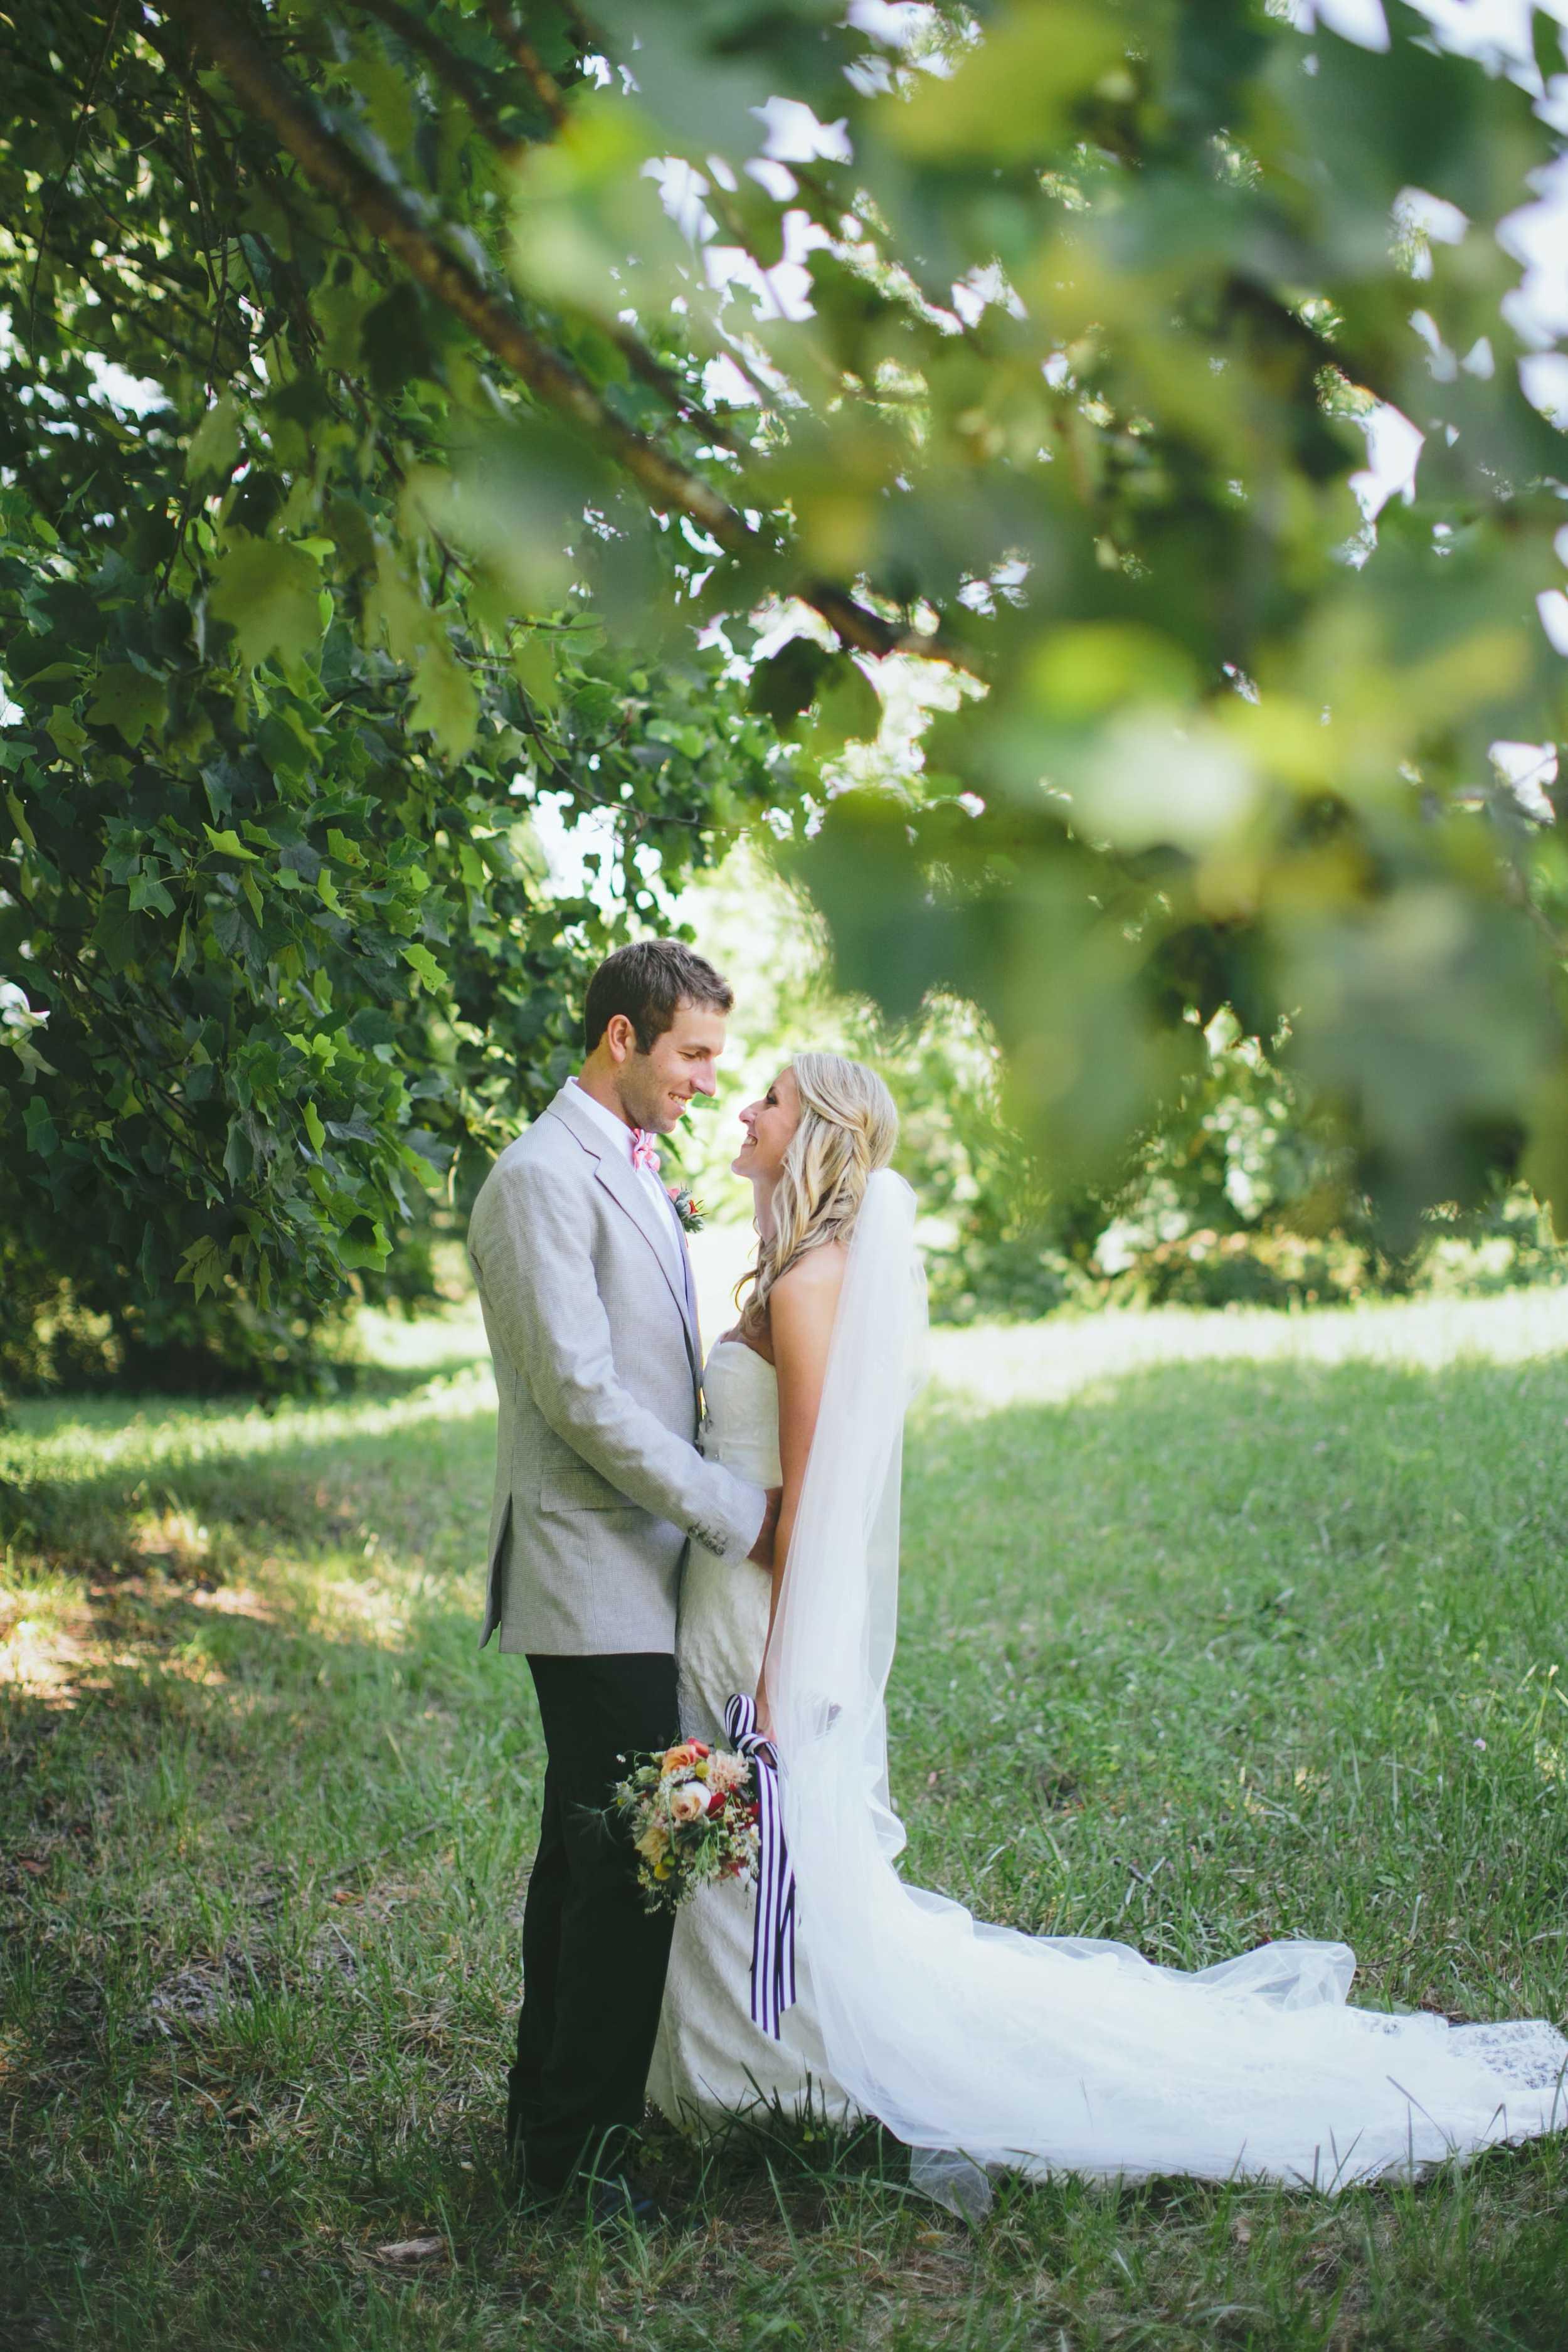 Wedding432-min.jpg